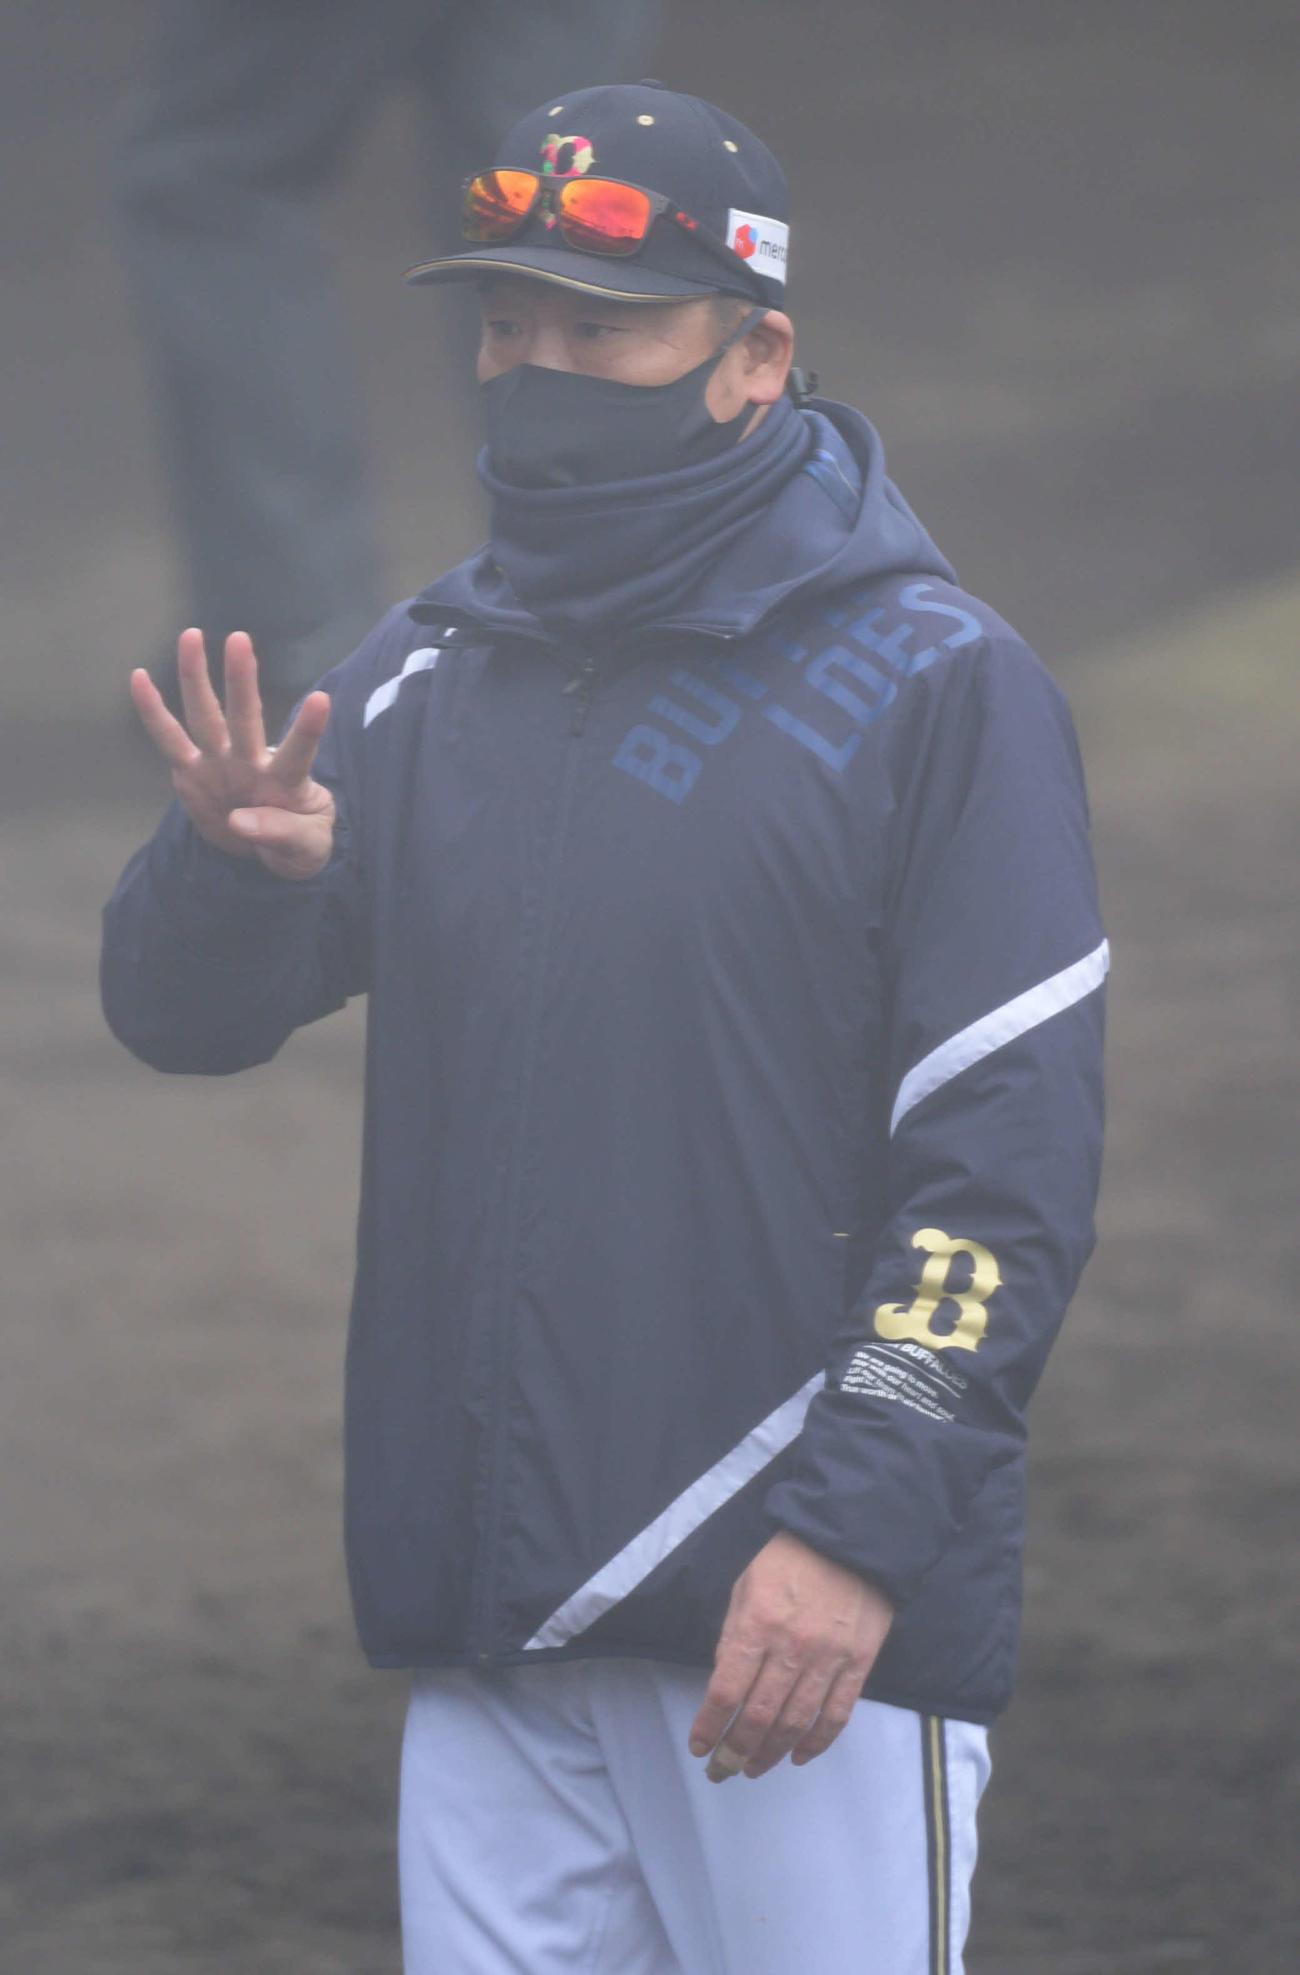 ソフトバンクオリックス練習試合 7回表の攻撃を終え選手交代告げたオリックス中嶋聡監督(撮影・渦原淳)